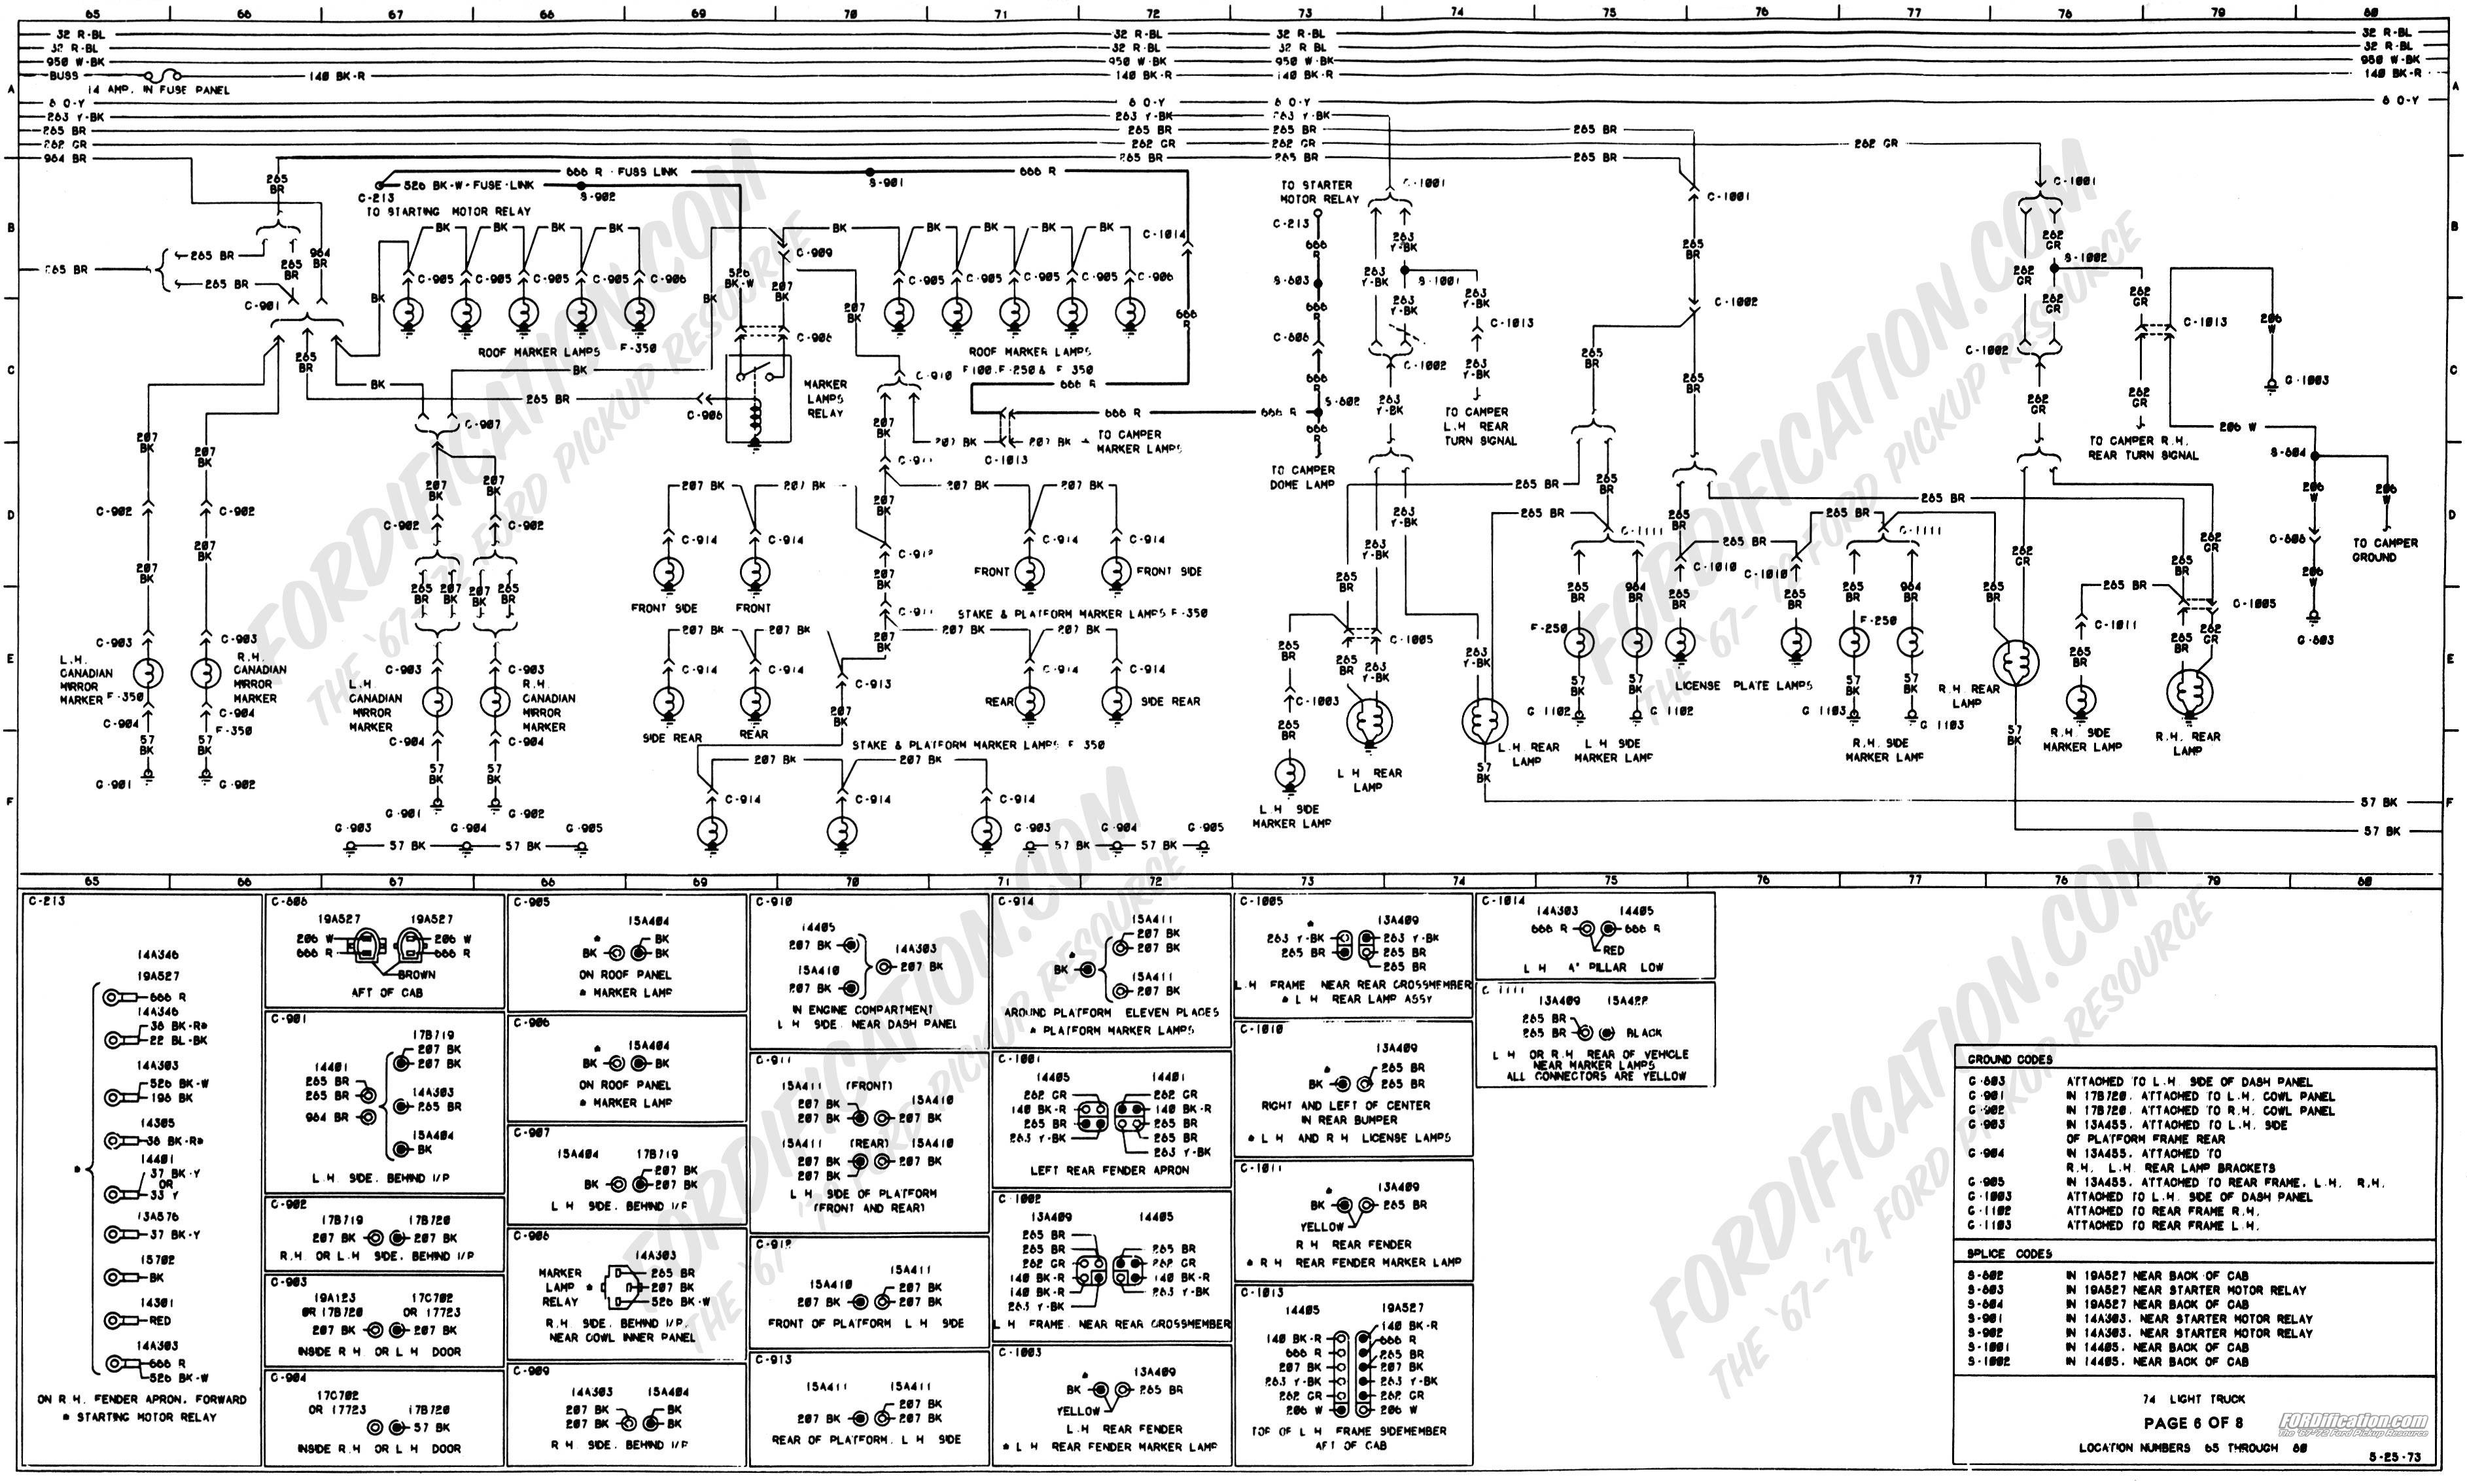 diagram] 1975 f250 wiring diagram fordification full version hd quality  diagram fordification - widewebdiagram.democraticiperilno.it  diagram database - democraticiperilno.it